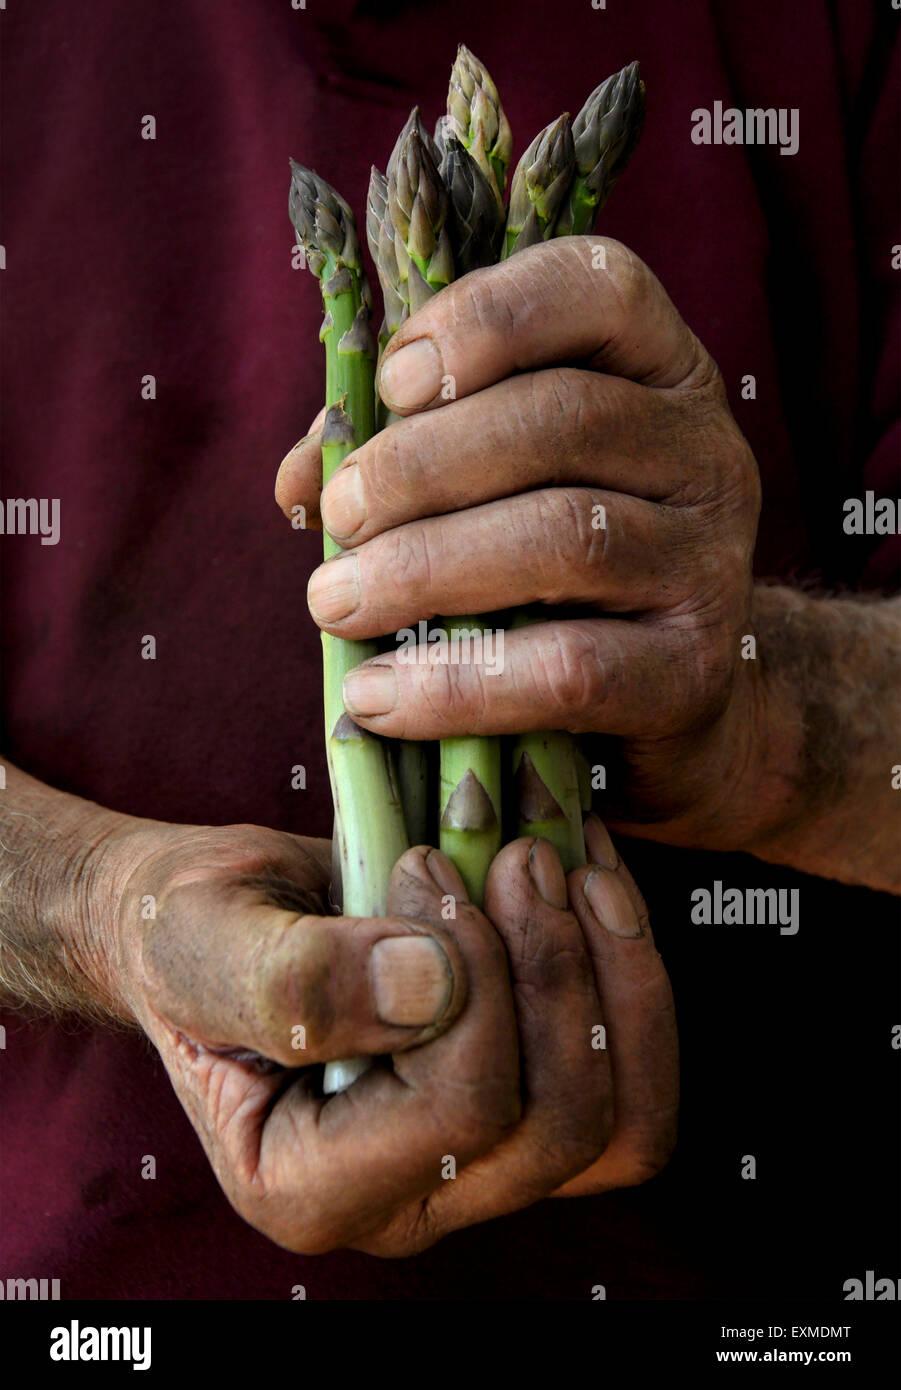 Un agriculteur ou jardinier, berçant un bouquet d'asperges Photo Stock